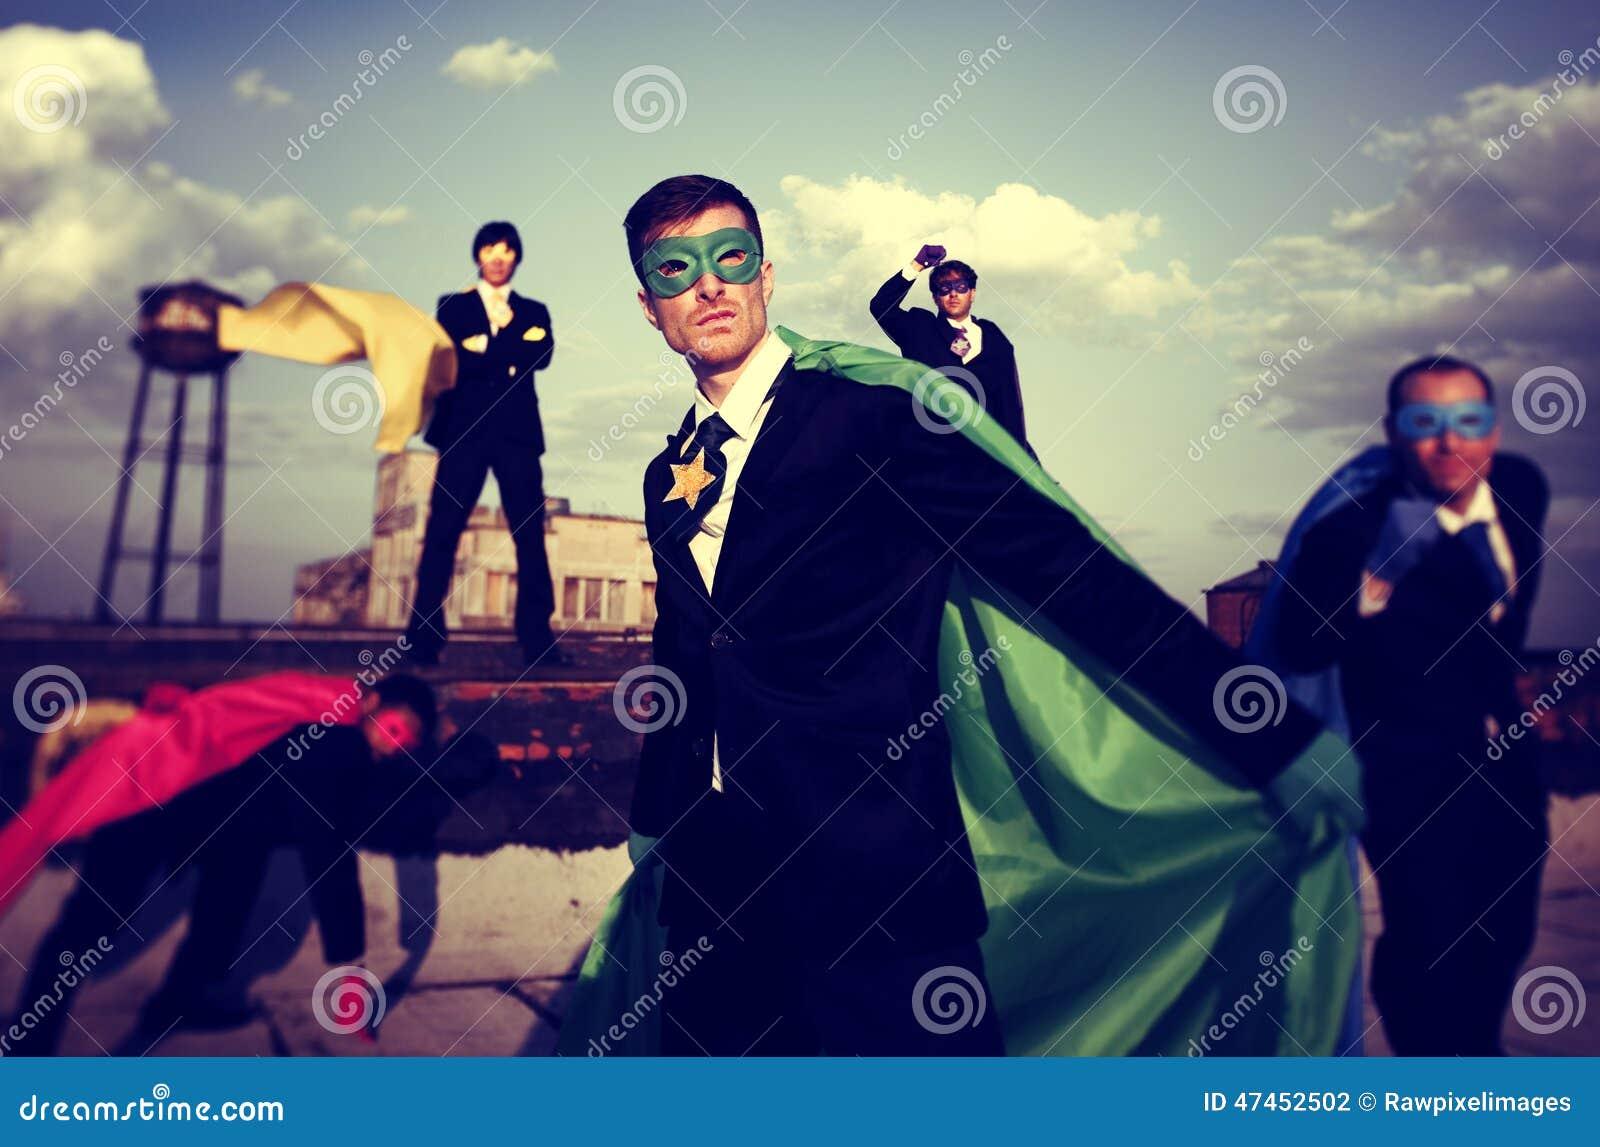 Hombres de negocios de la confianza Team Work Concept del super héroe